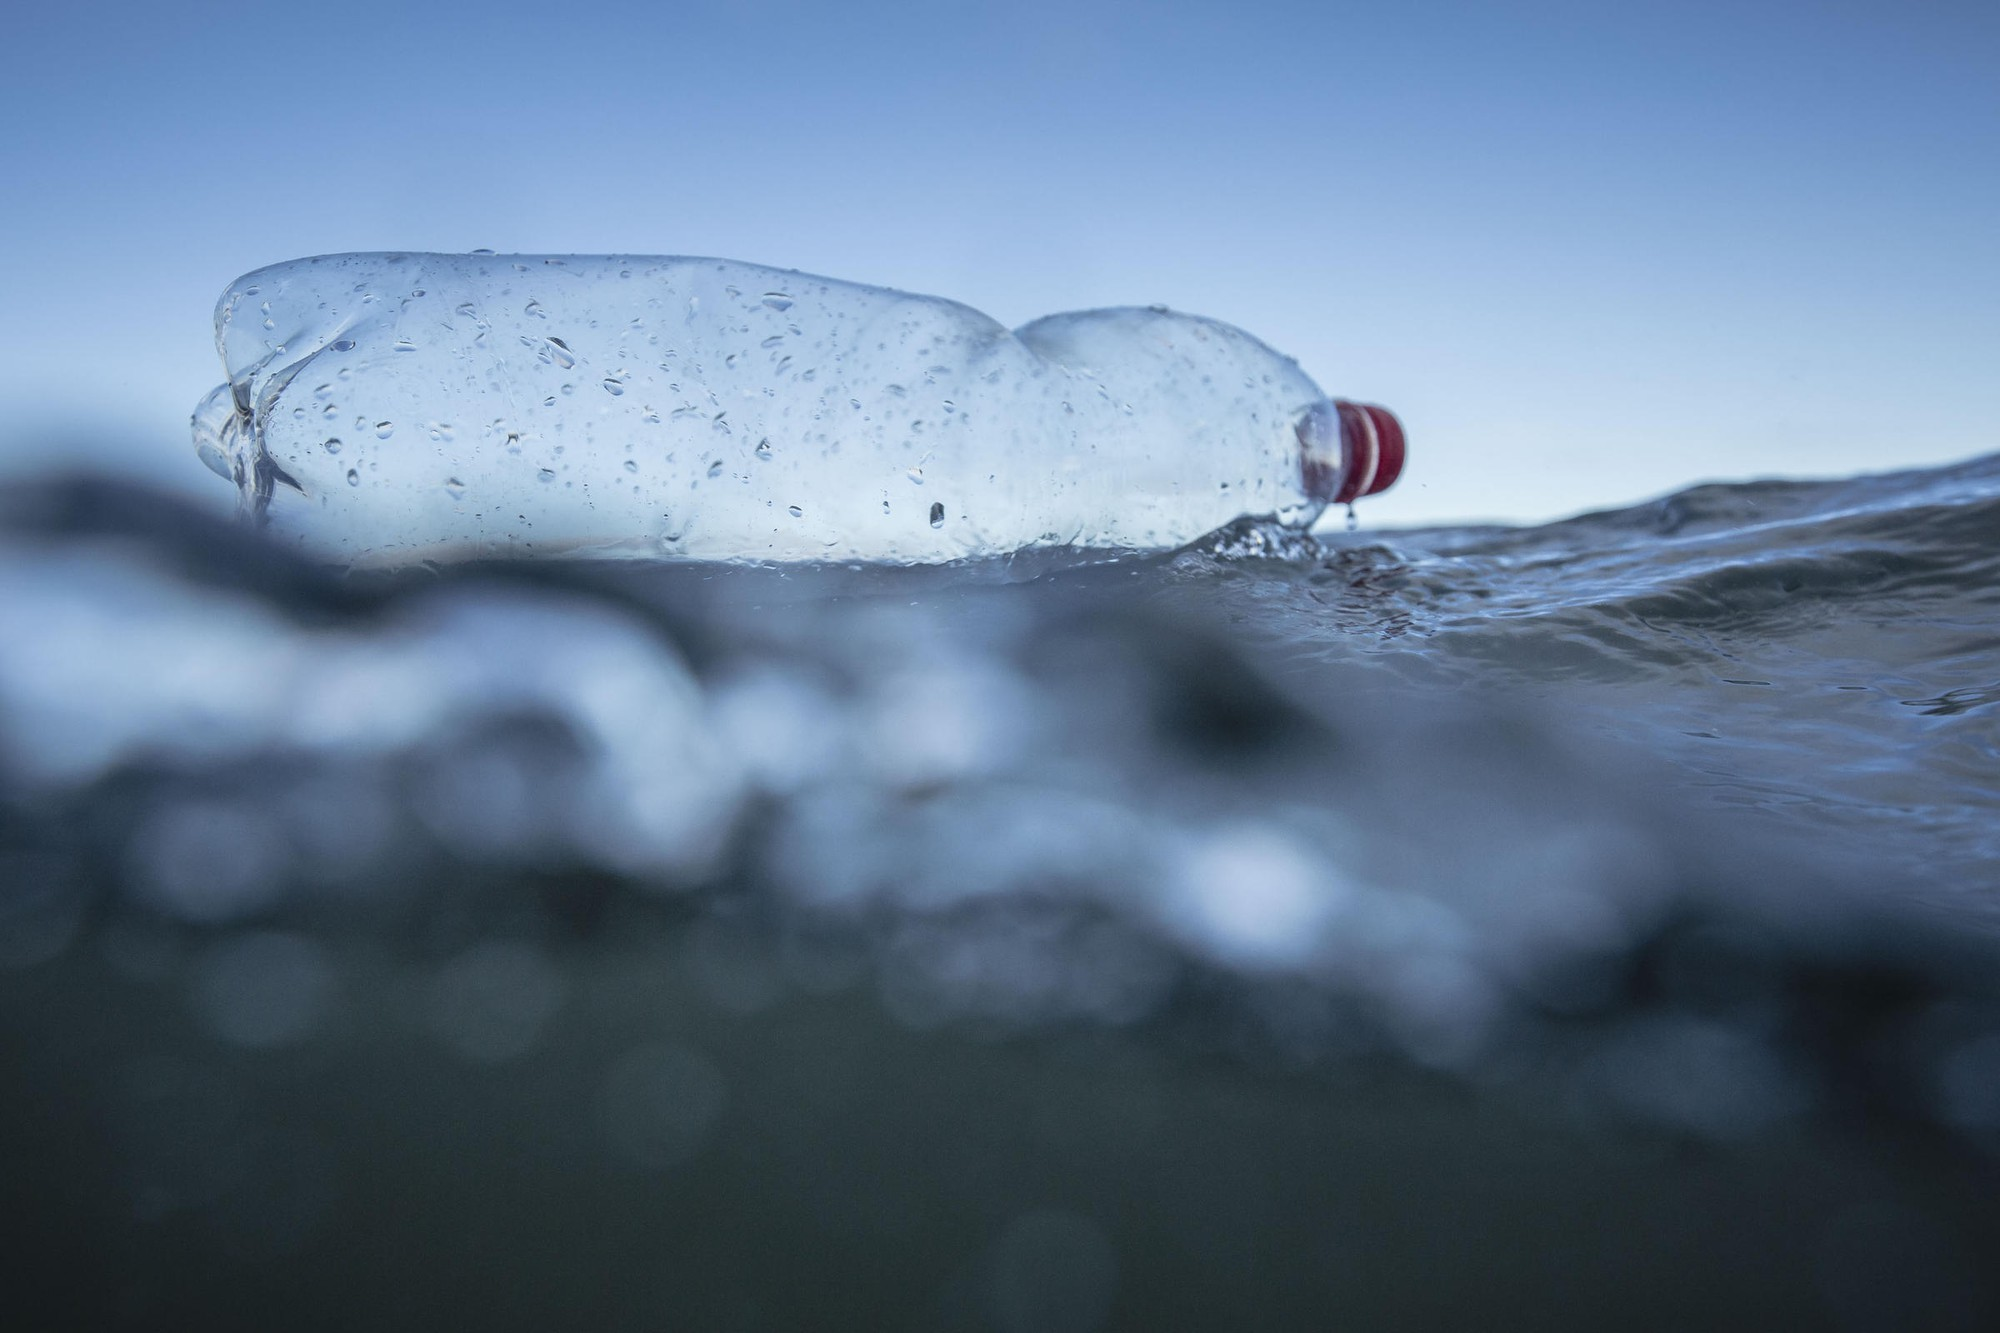 Phát hiện mới này có thể sớm khiến rác nhựa trên đại dương bay màu như búng tay bằng Găng Vô Cực trong Endgame - Ảnh 3.